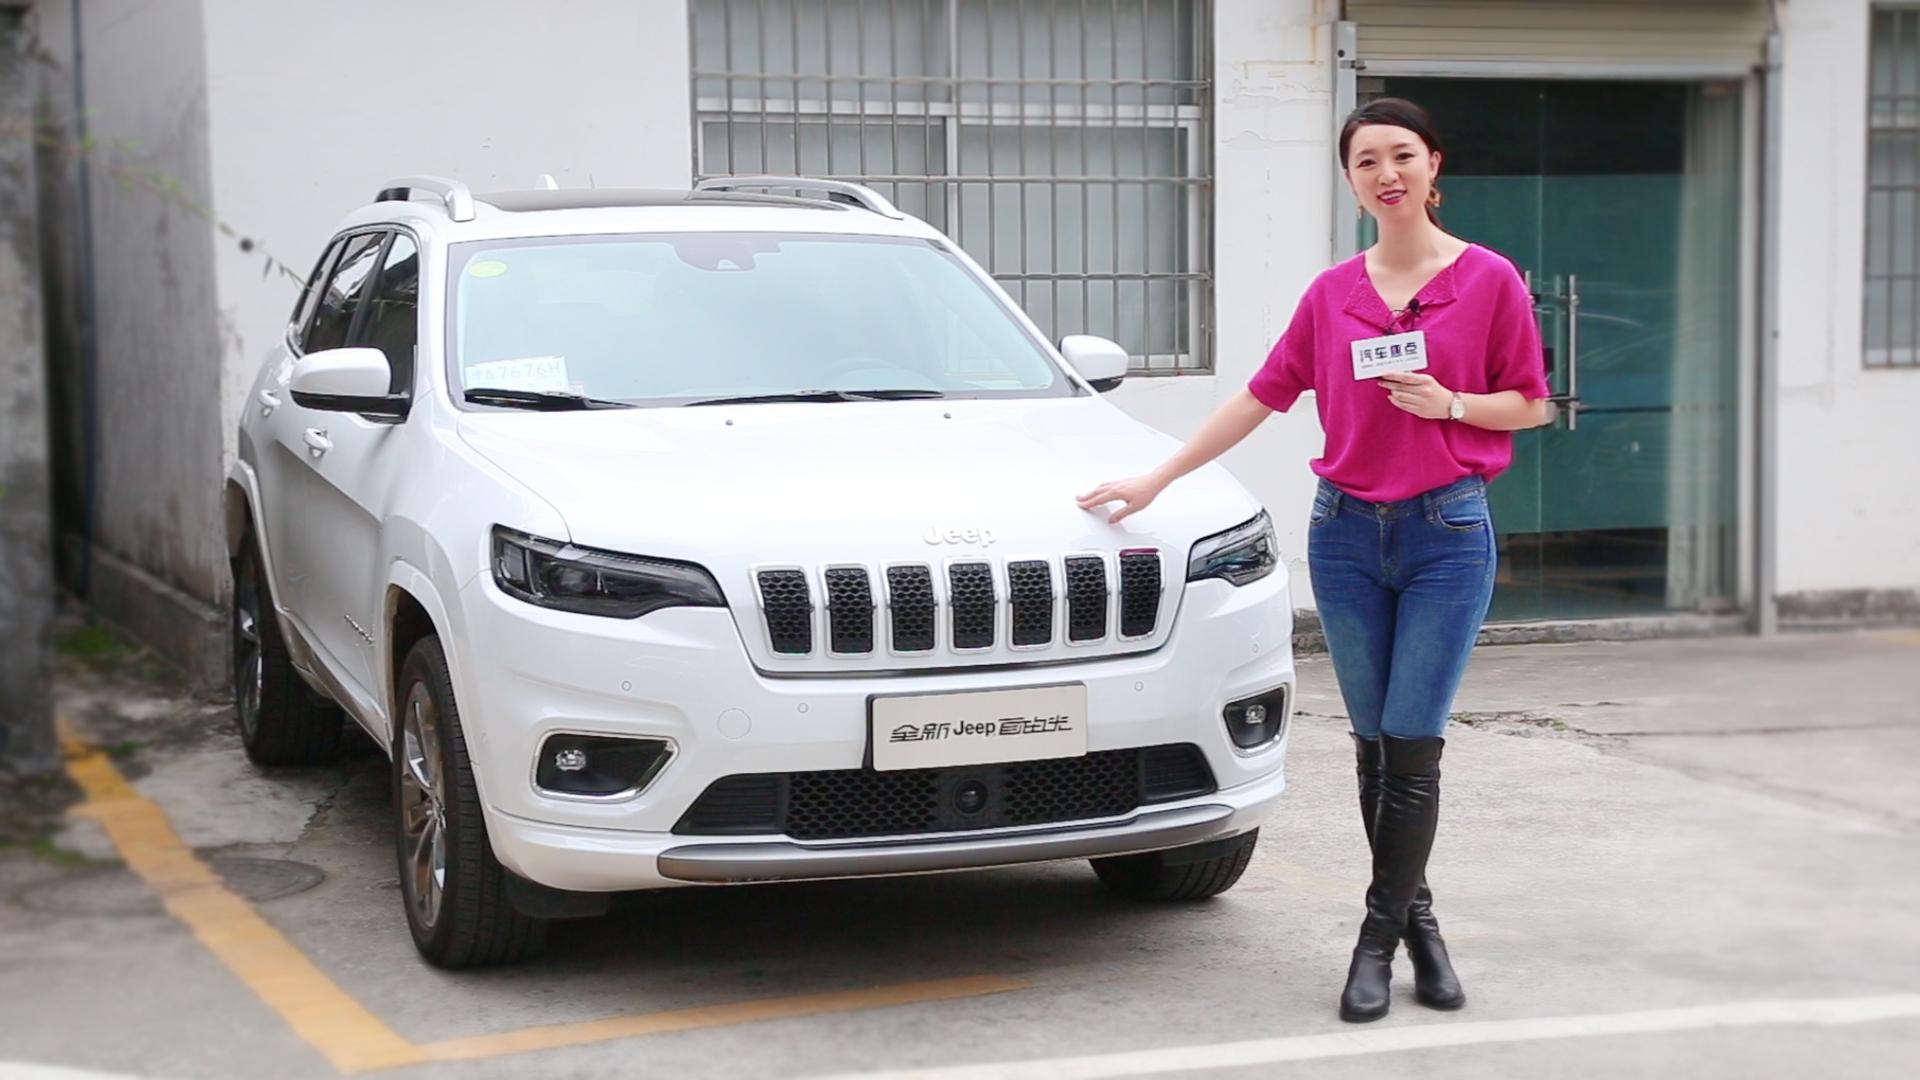 城市里一头豹子!试驾全新Jeep自由光